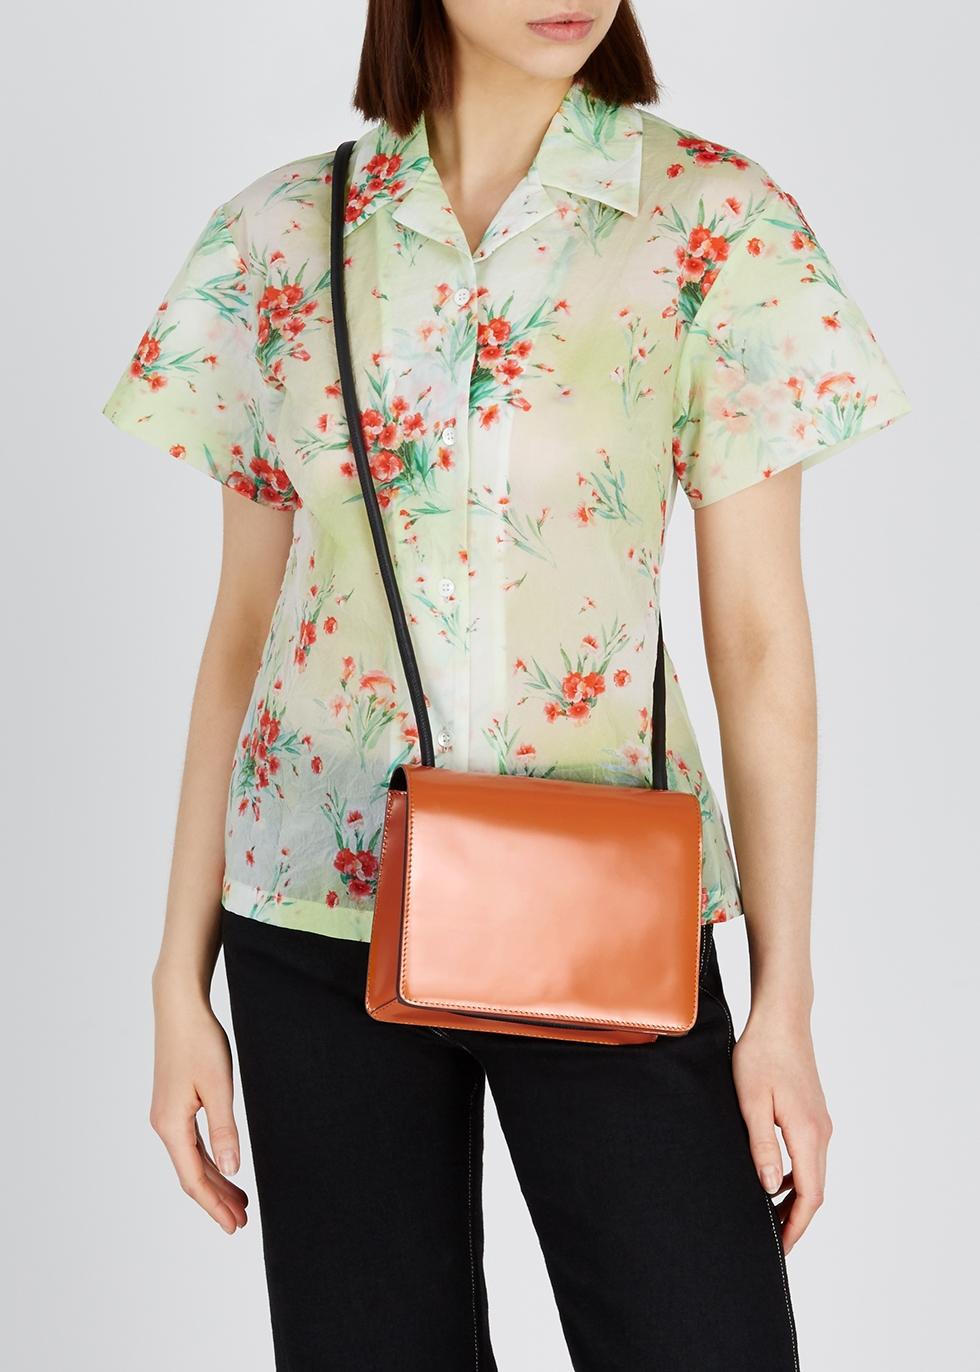 Two-tone leather shoulder bag - Dries Van Noten